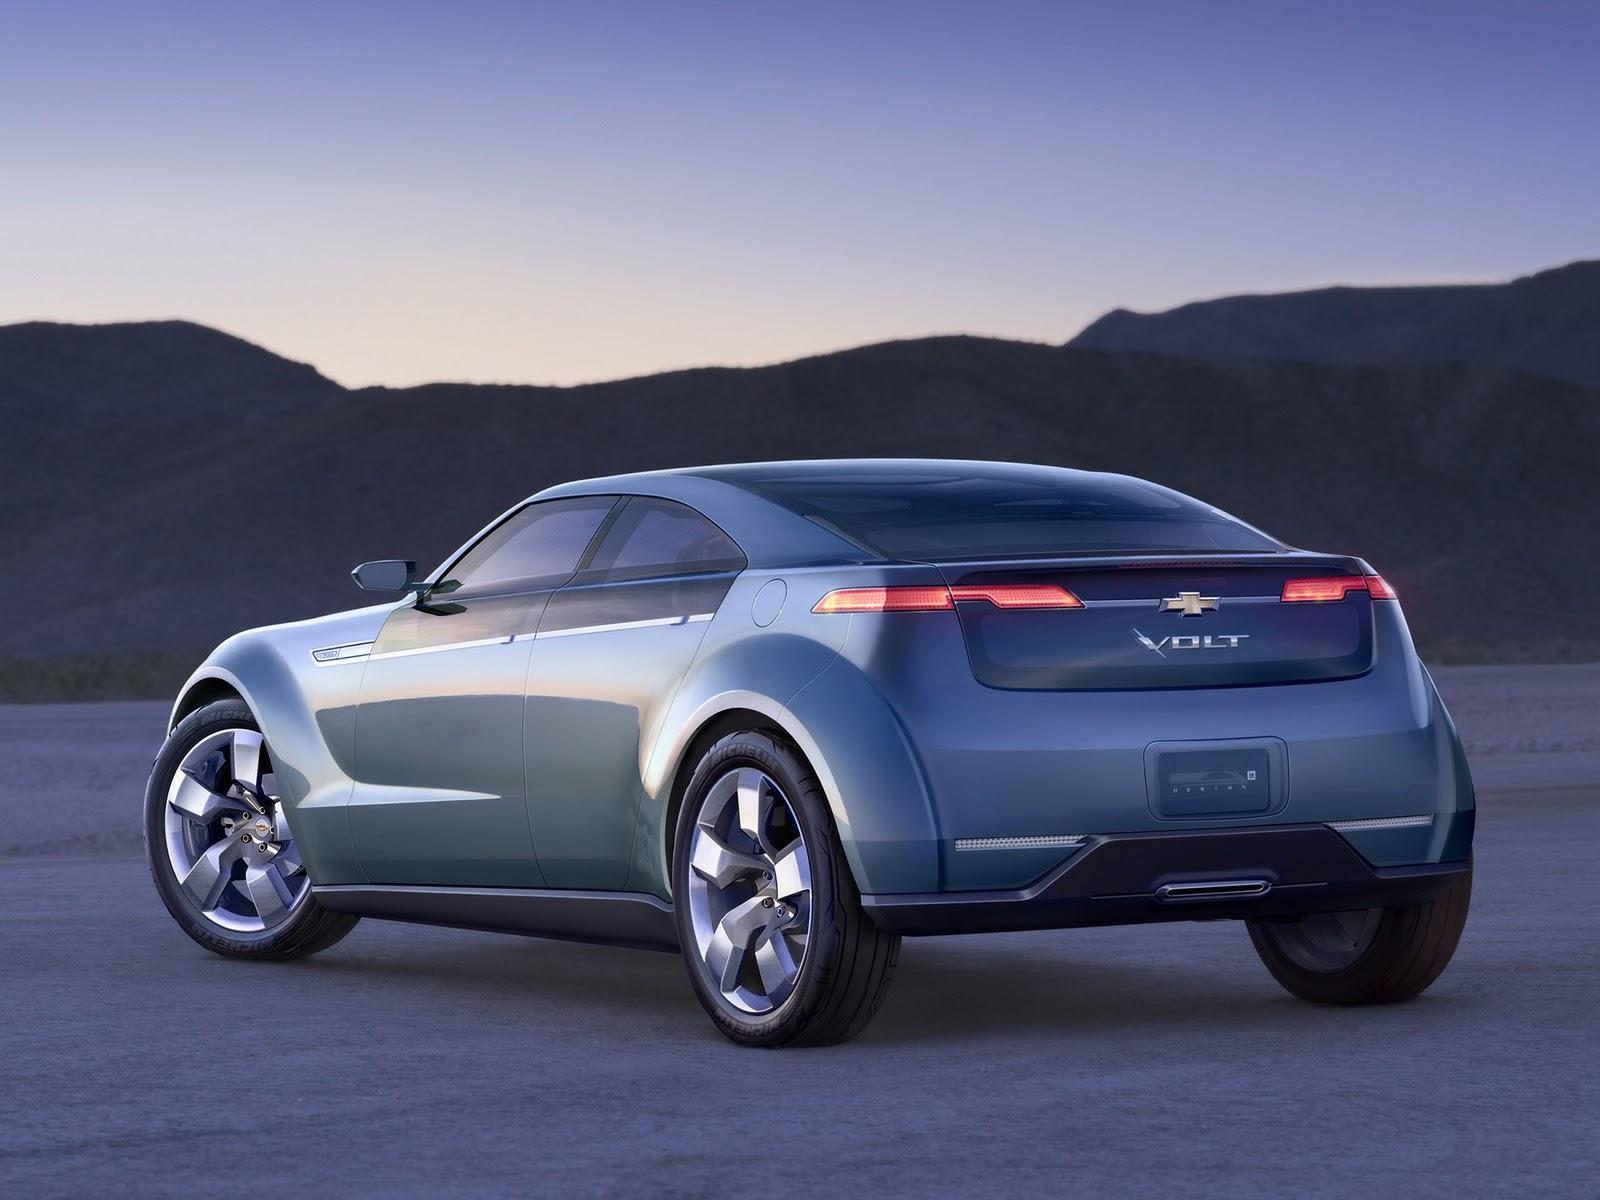 Chevrolet Volt Concept -Hybrid Electric Car | Automobile ...